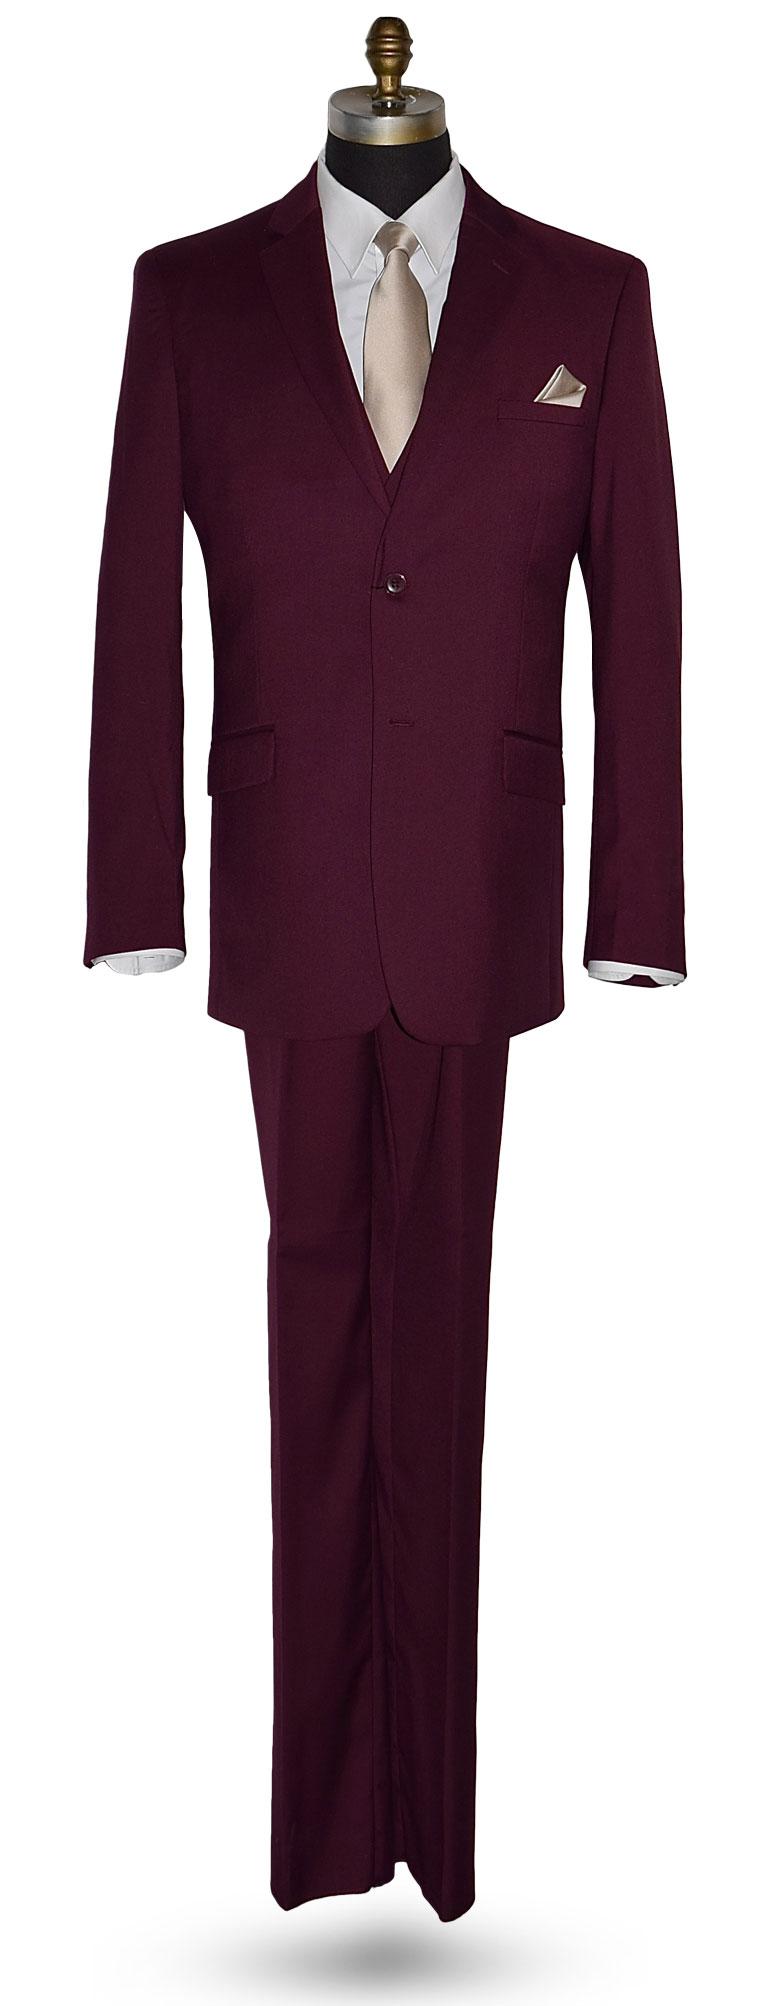 Sangria 3 Piece Suit - Coat, Pants and Vest